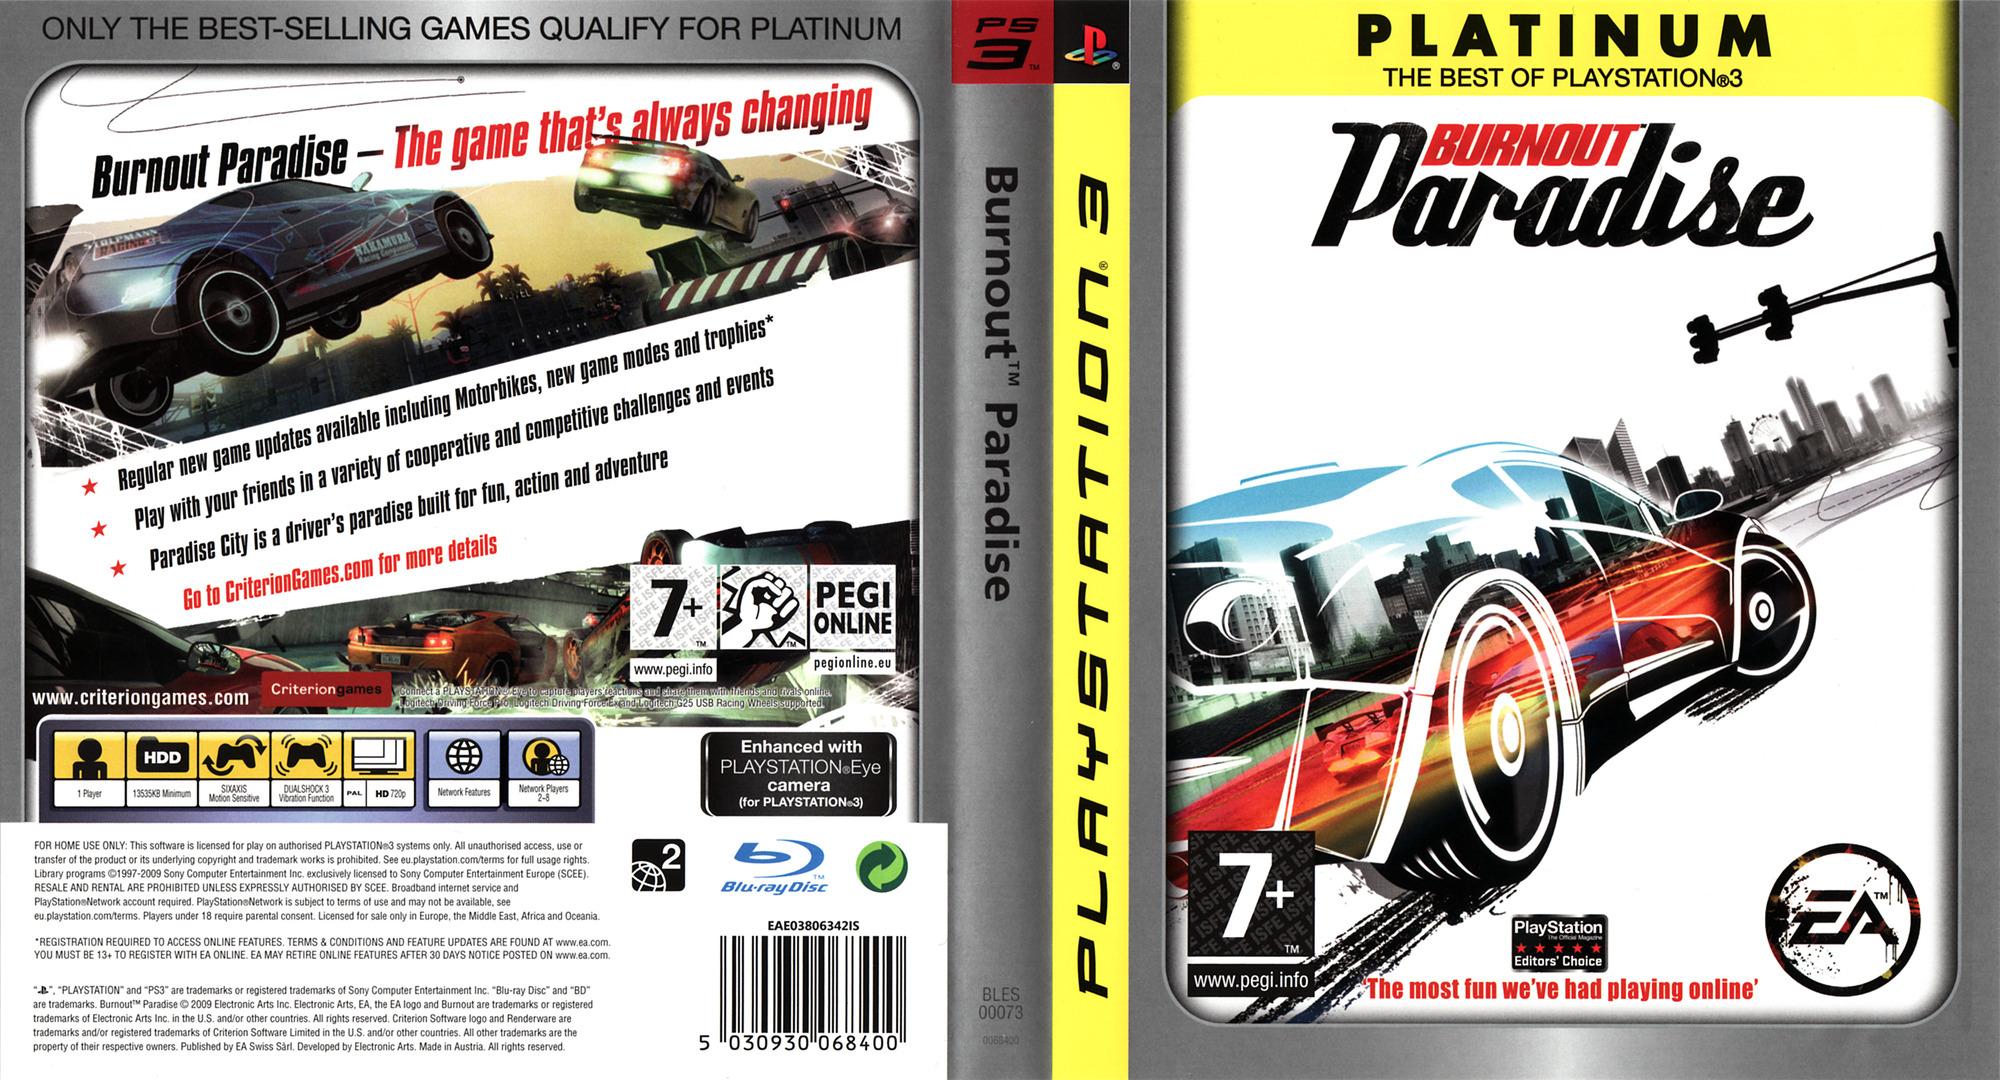 Burnout Paradise PS3 coverfullHQB (BLES00073)